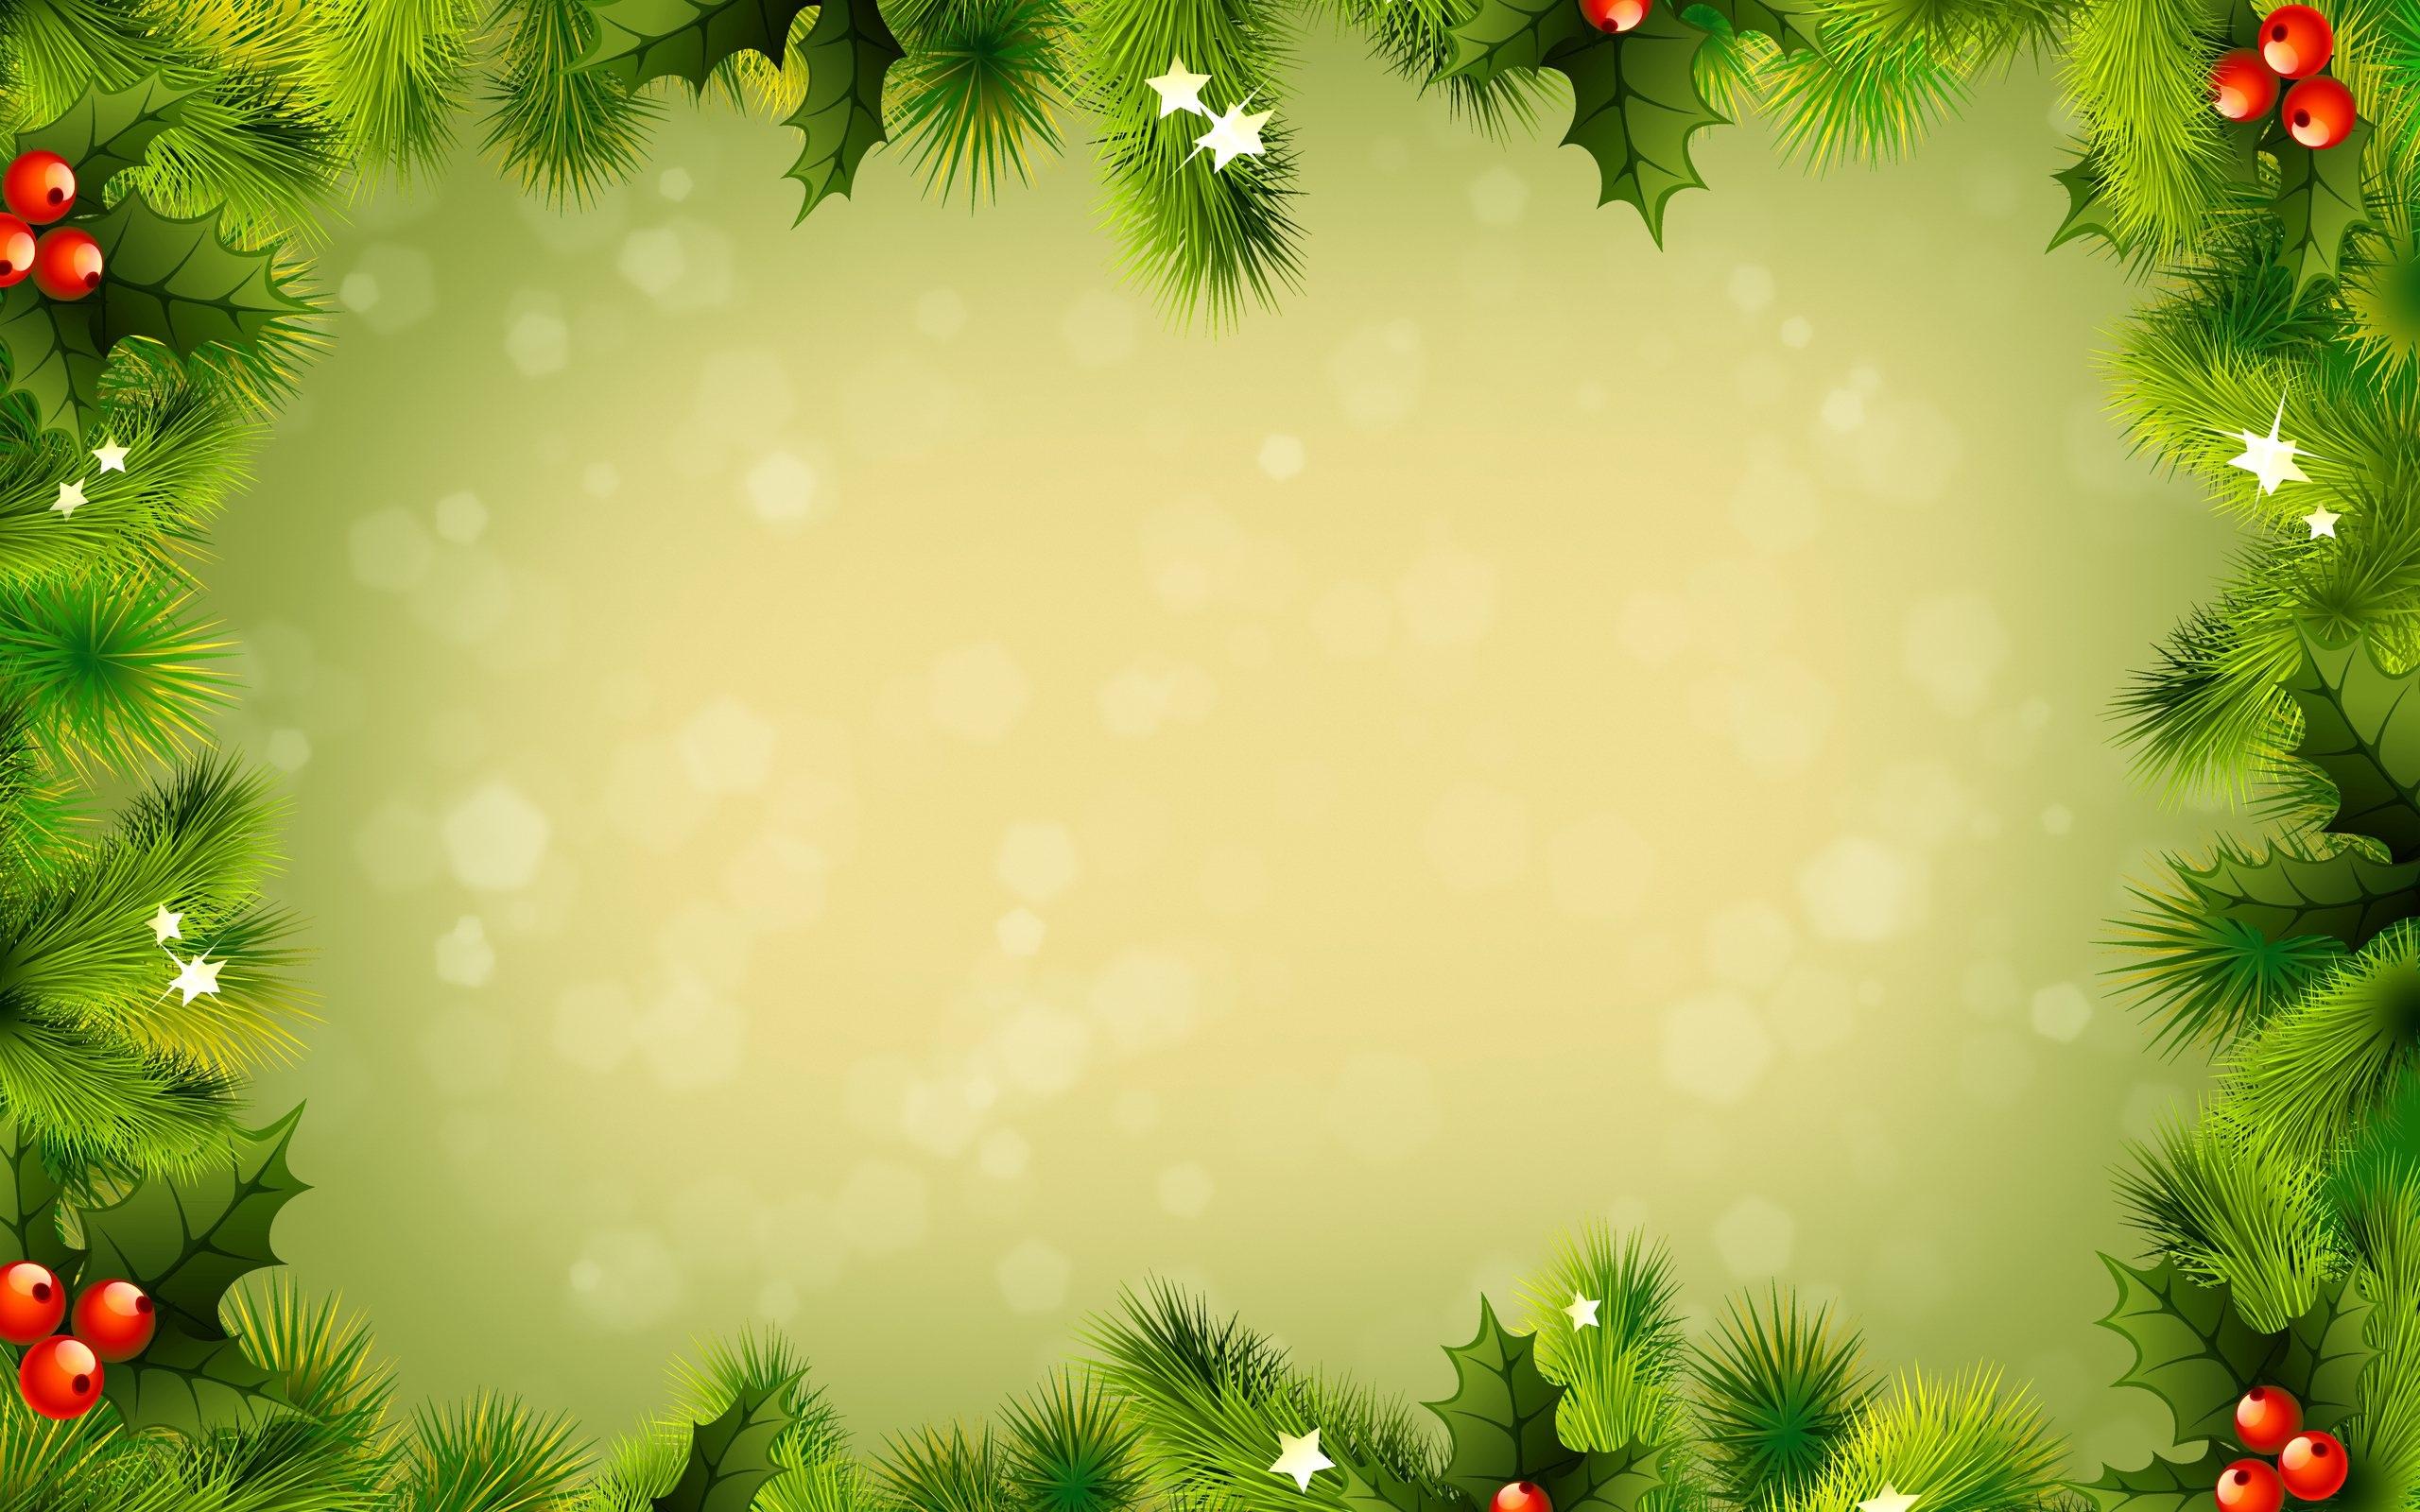 christmas background   Large Images 2560x1600